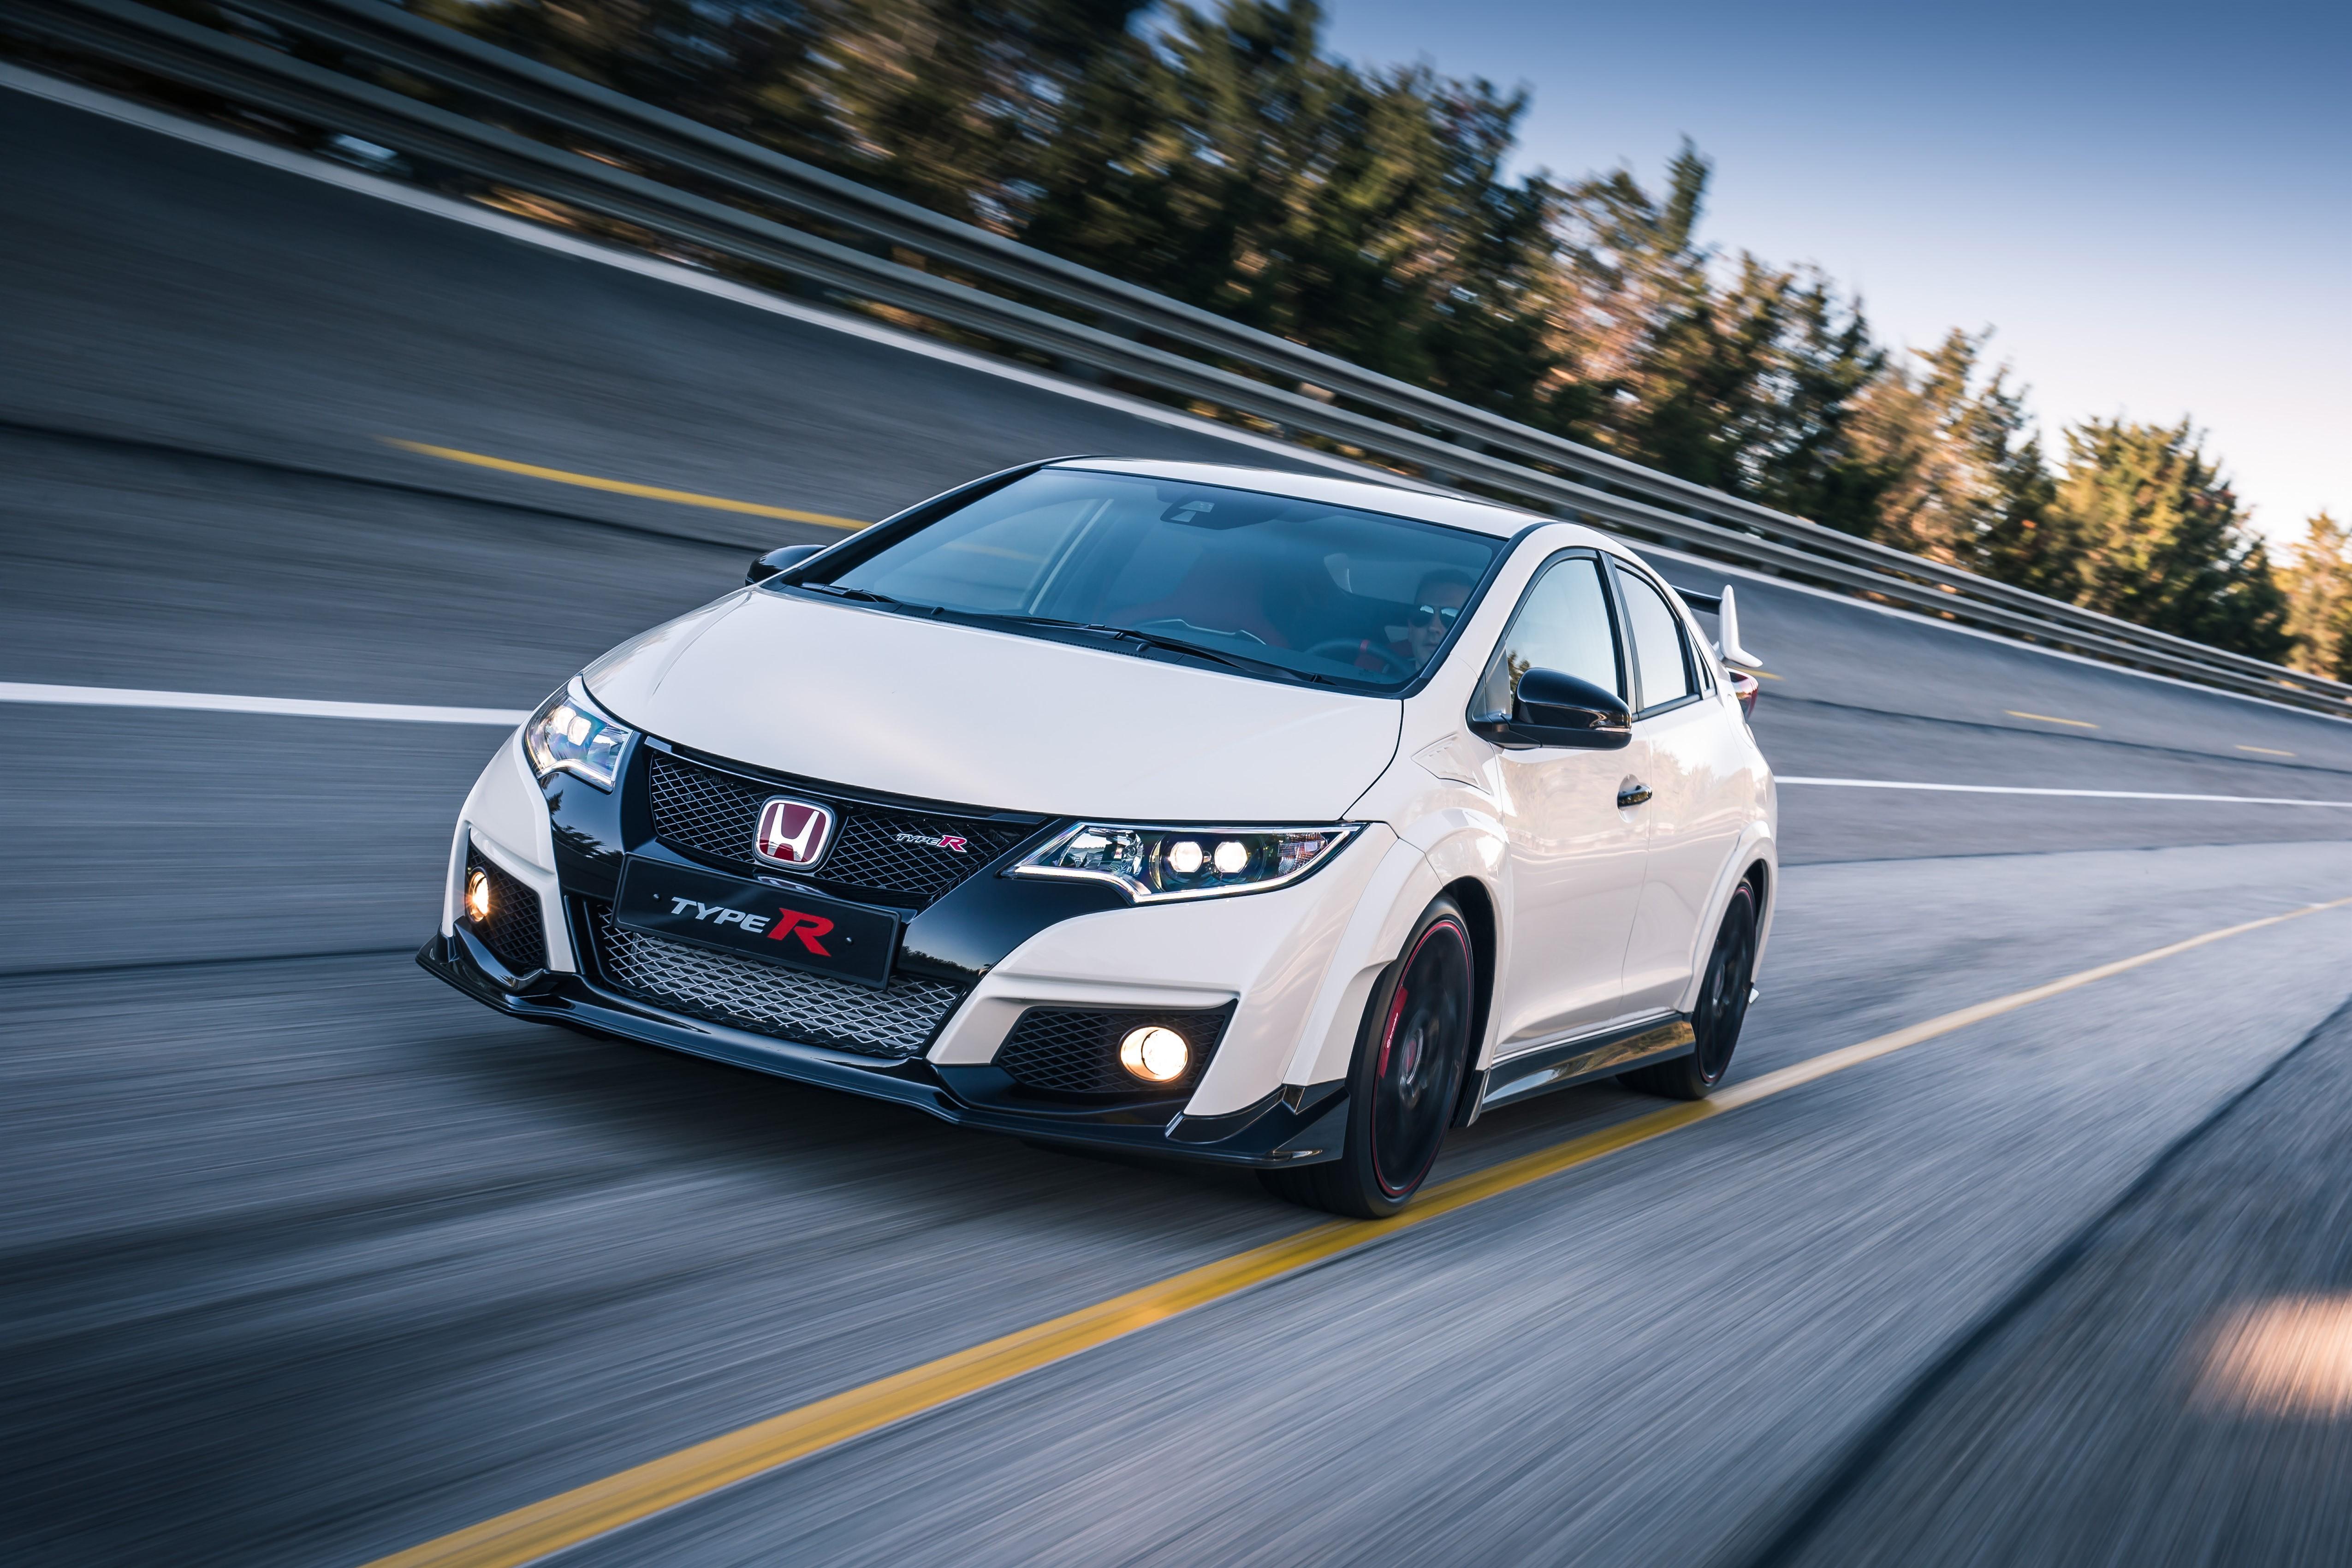 Honda Civic Type-R Photo Gallery